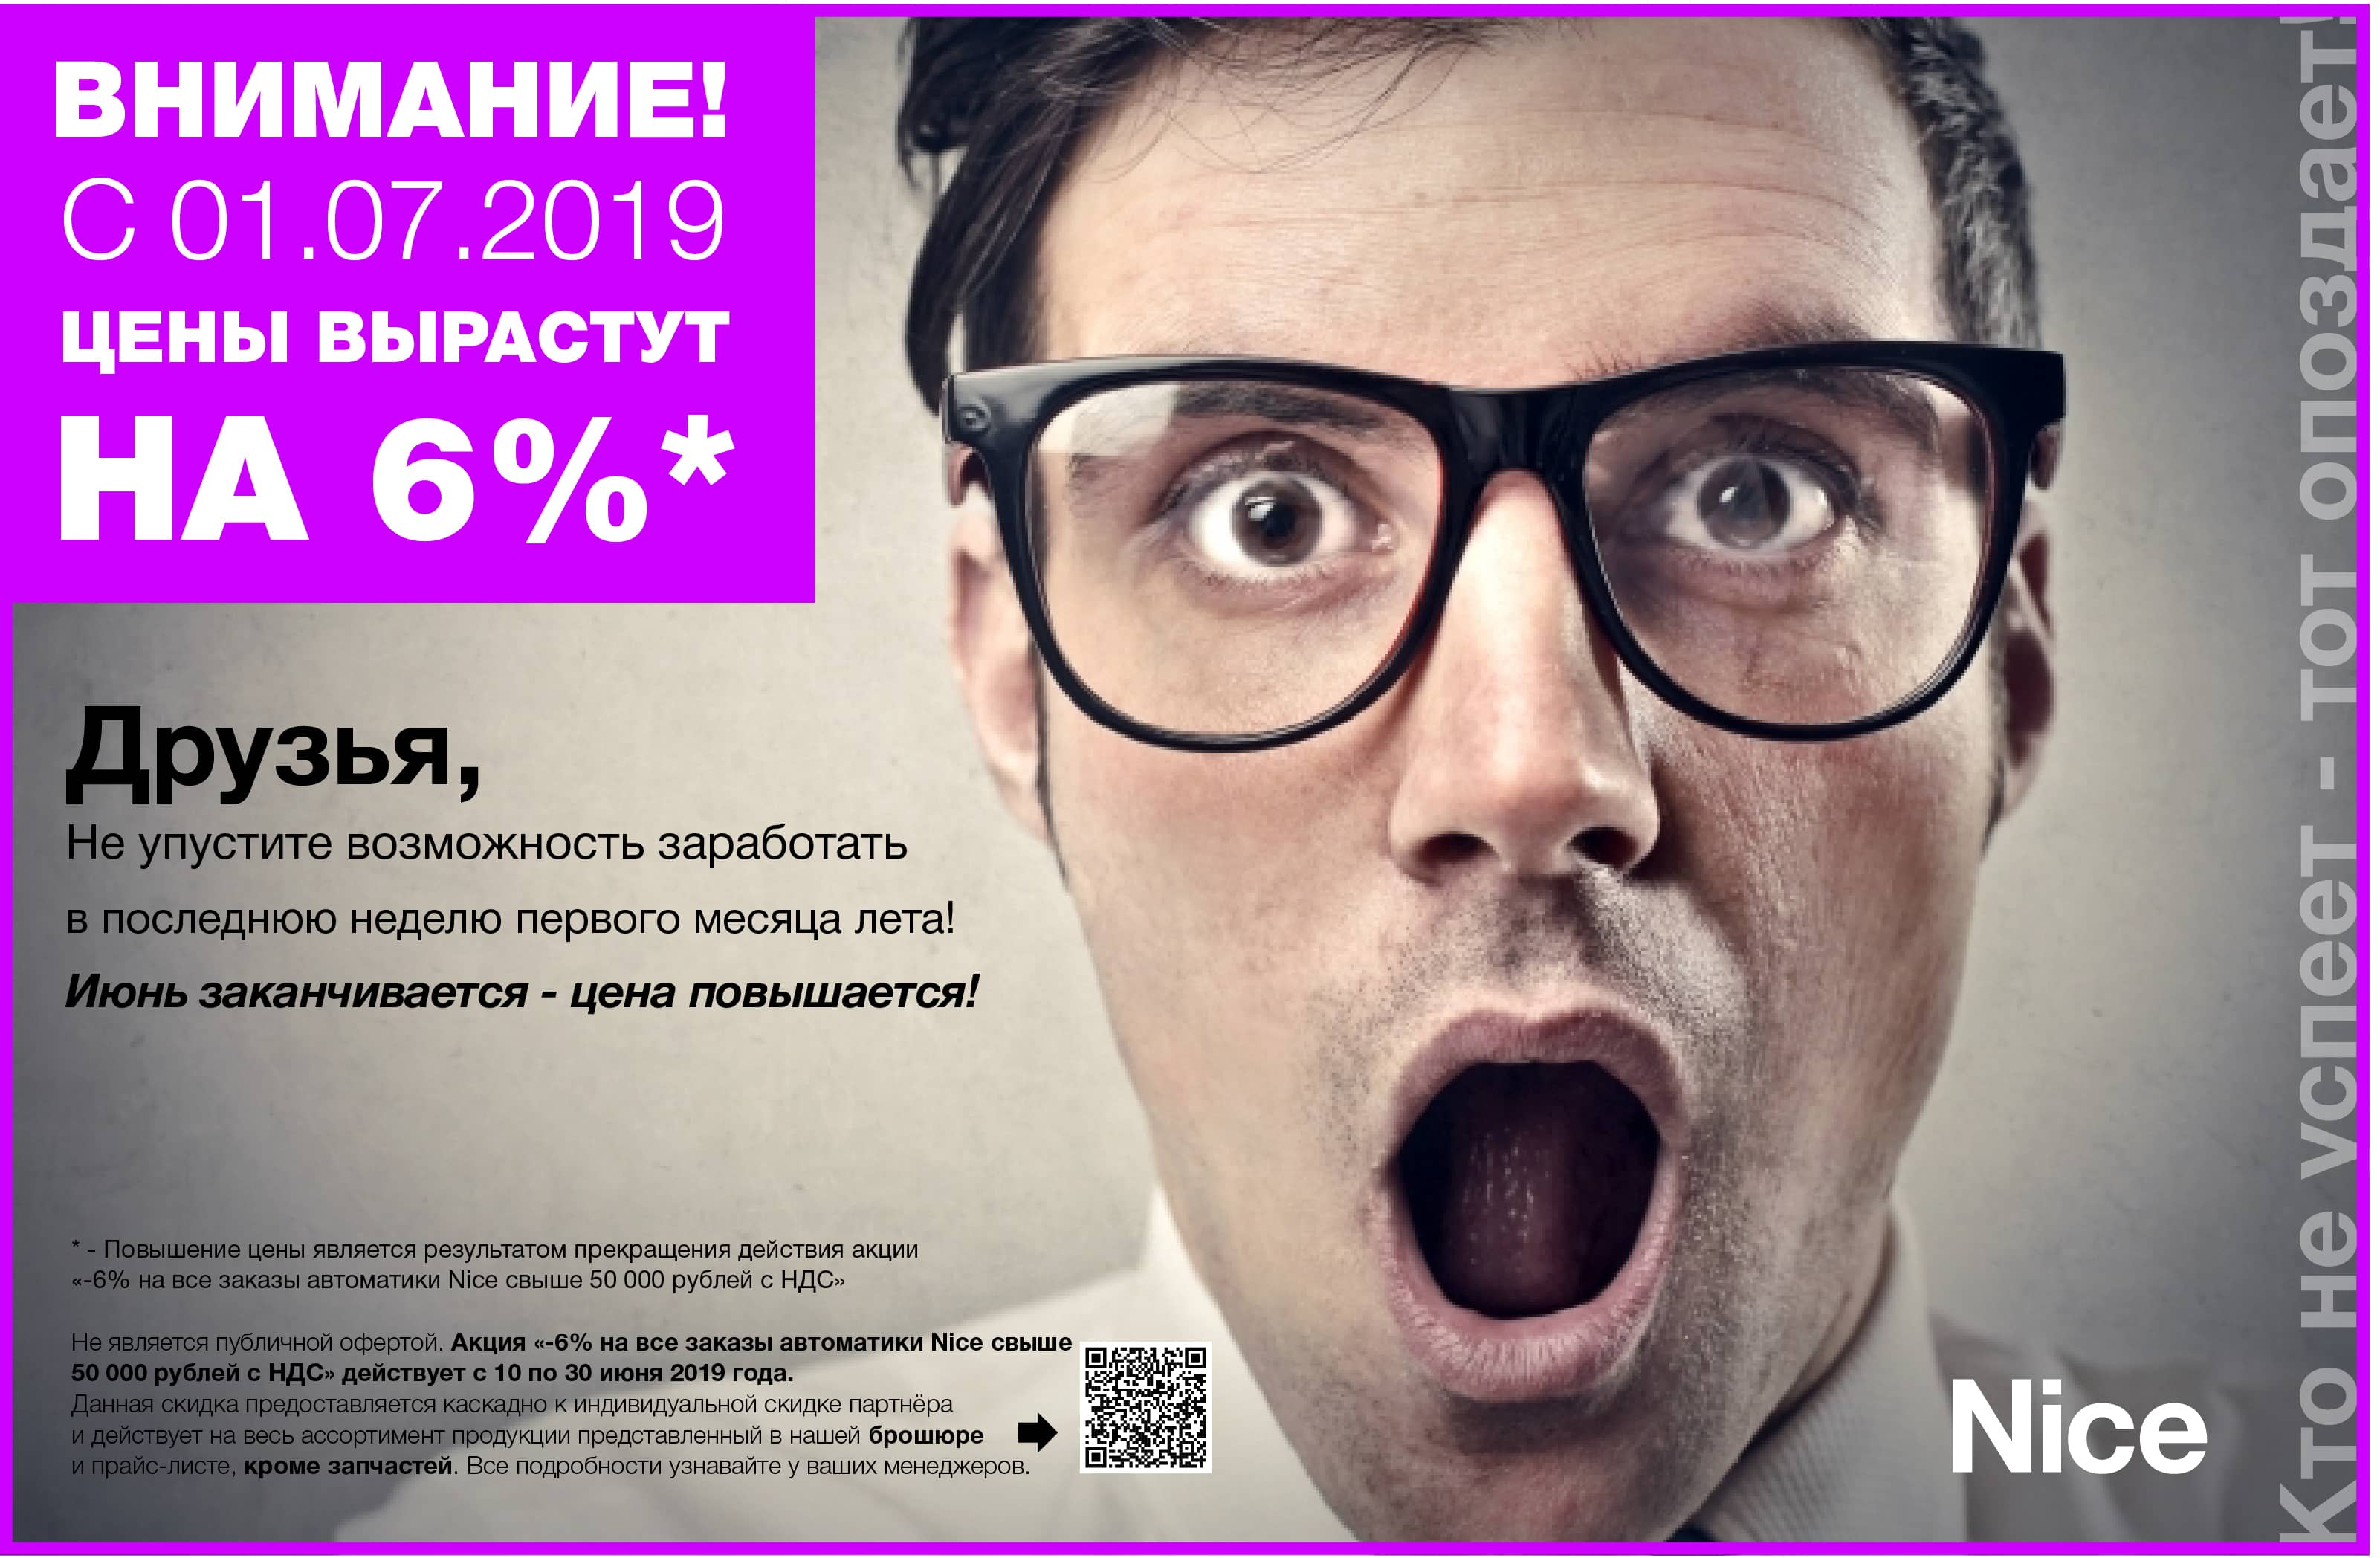 ВНИМАНИЕ!!! С 01.07.2019 ЦЕНЫ ВЫРАСТУТ НА 6%!*